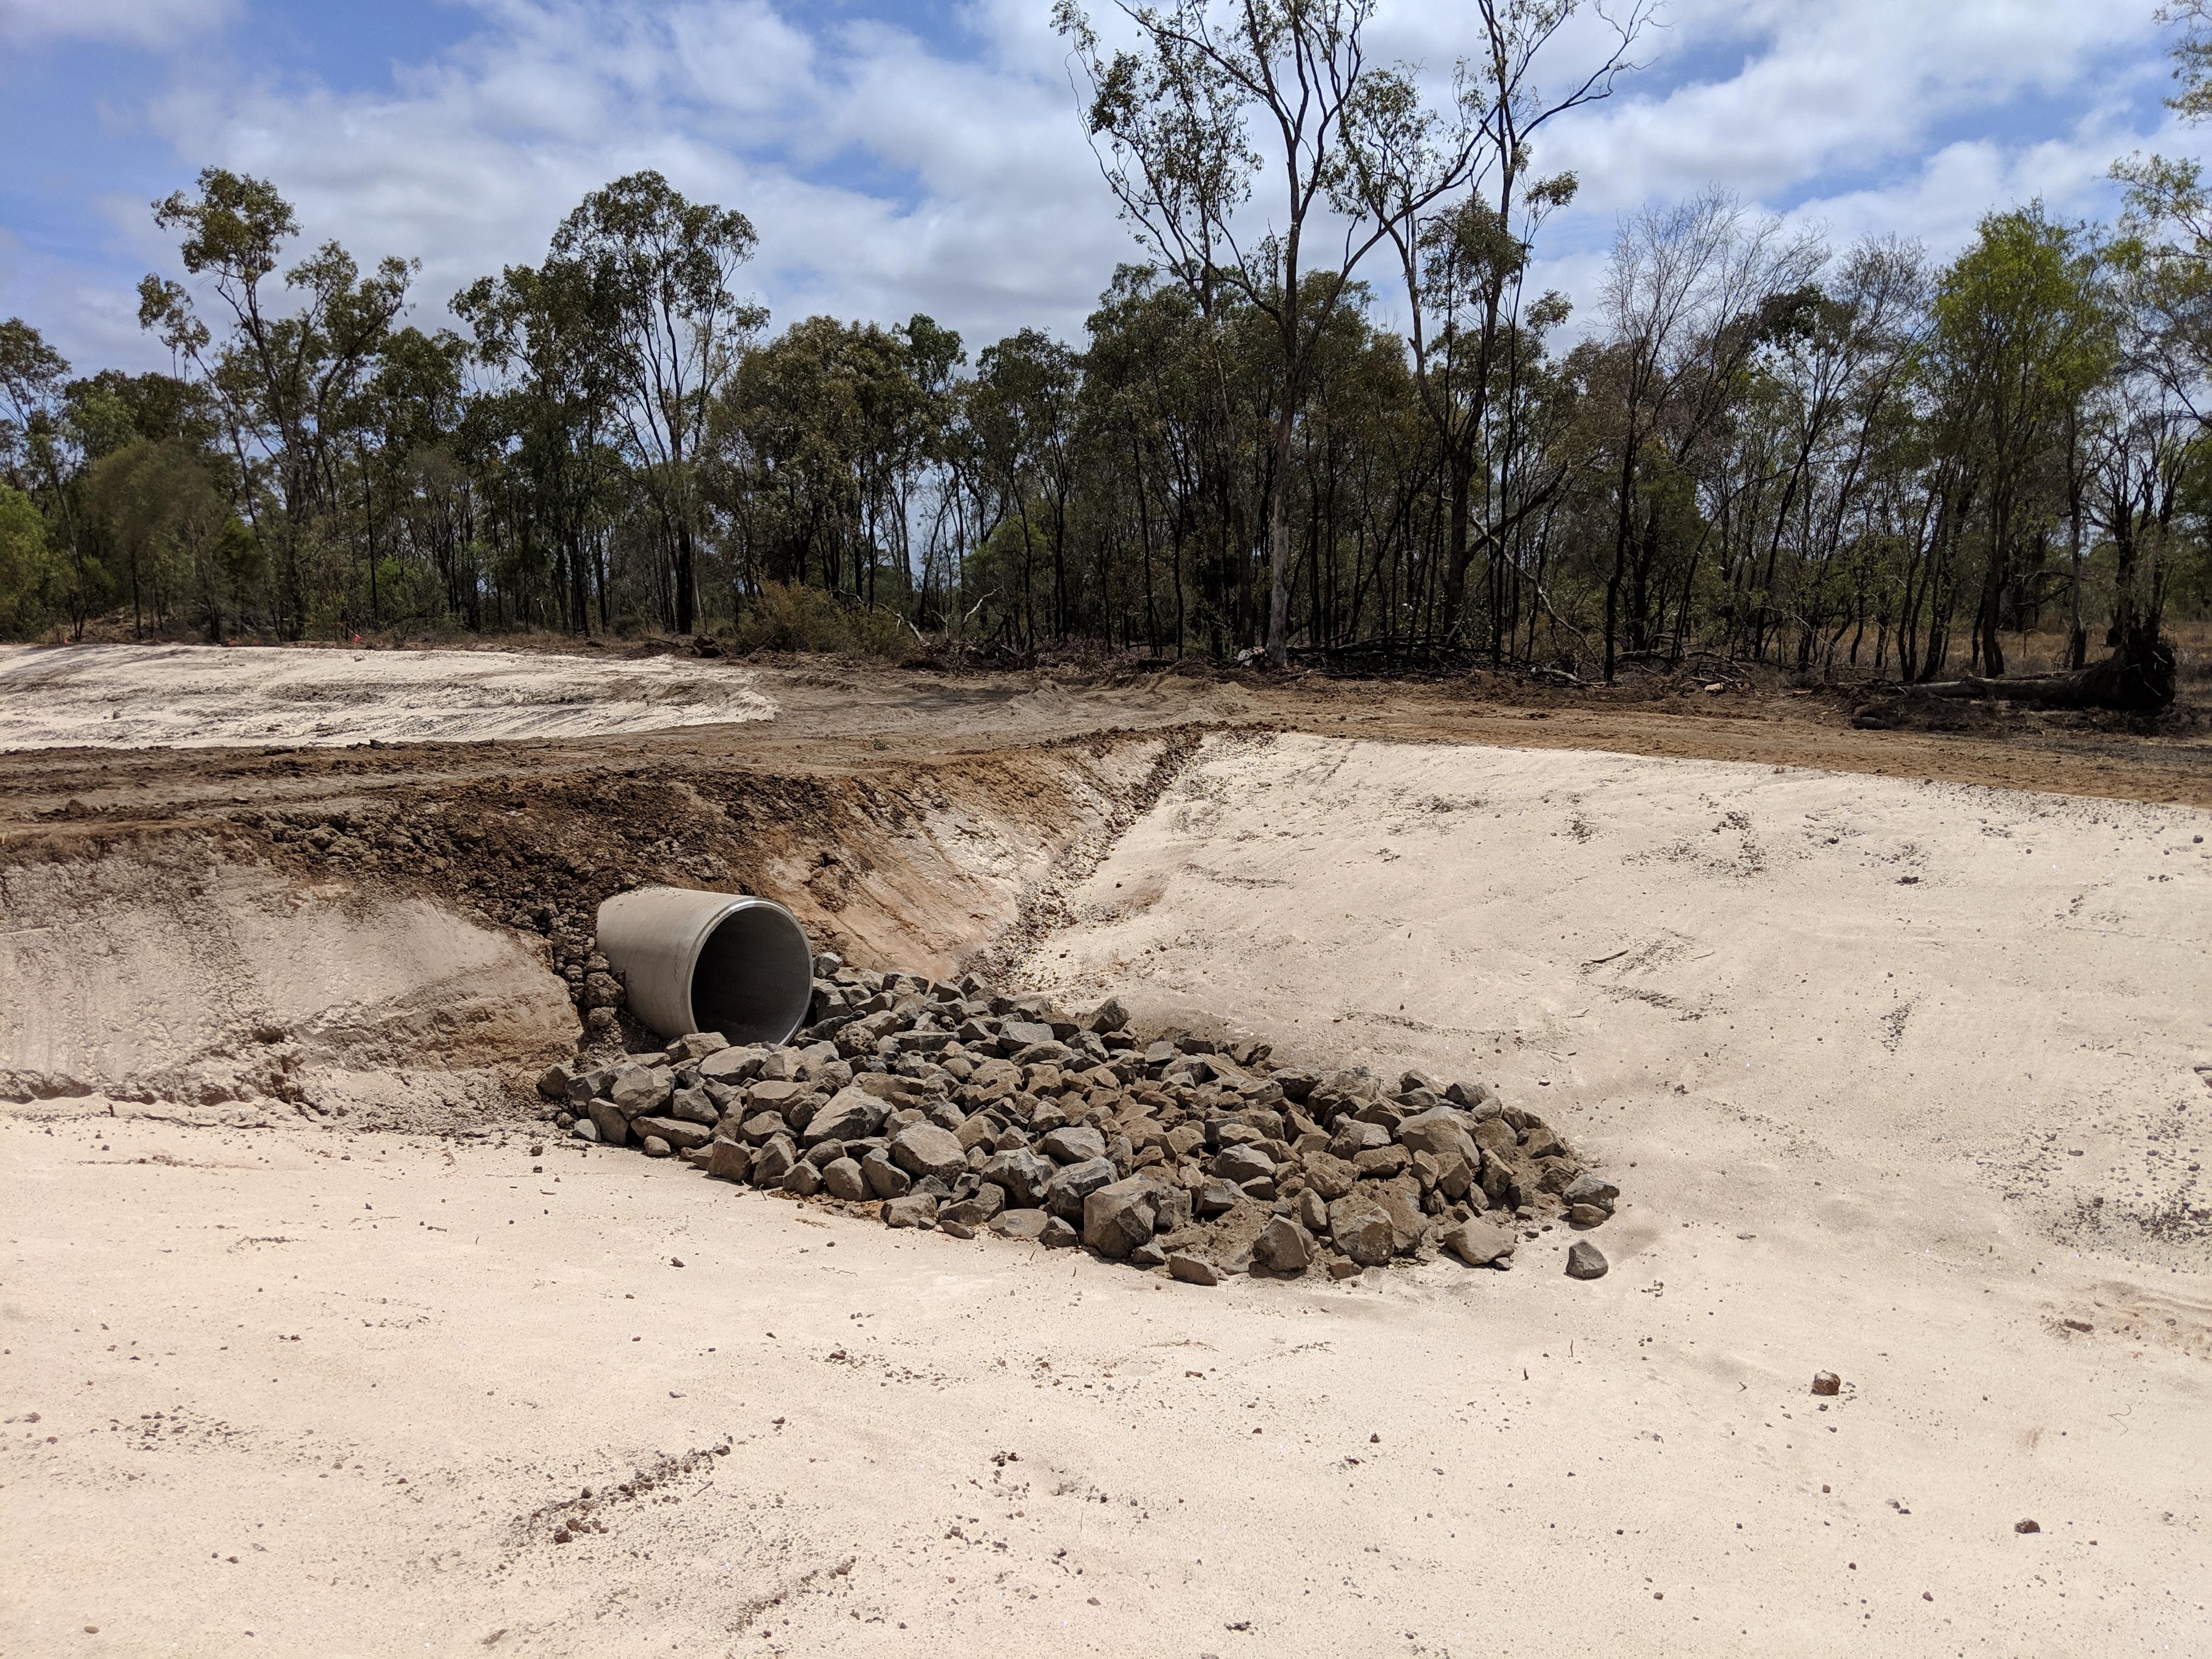 20181210_100935 - LW10 drain Gypsum spre